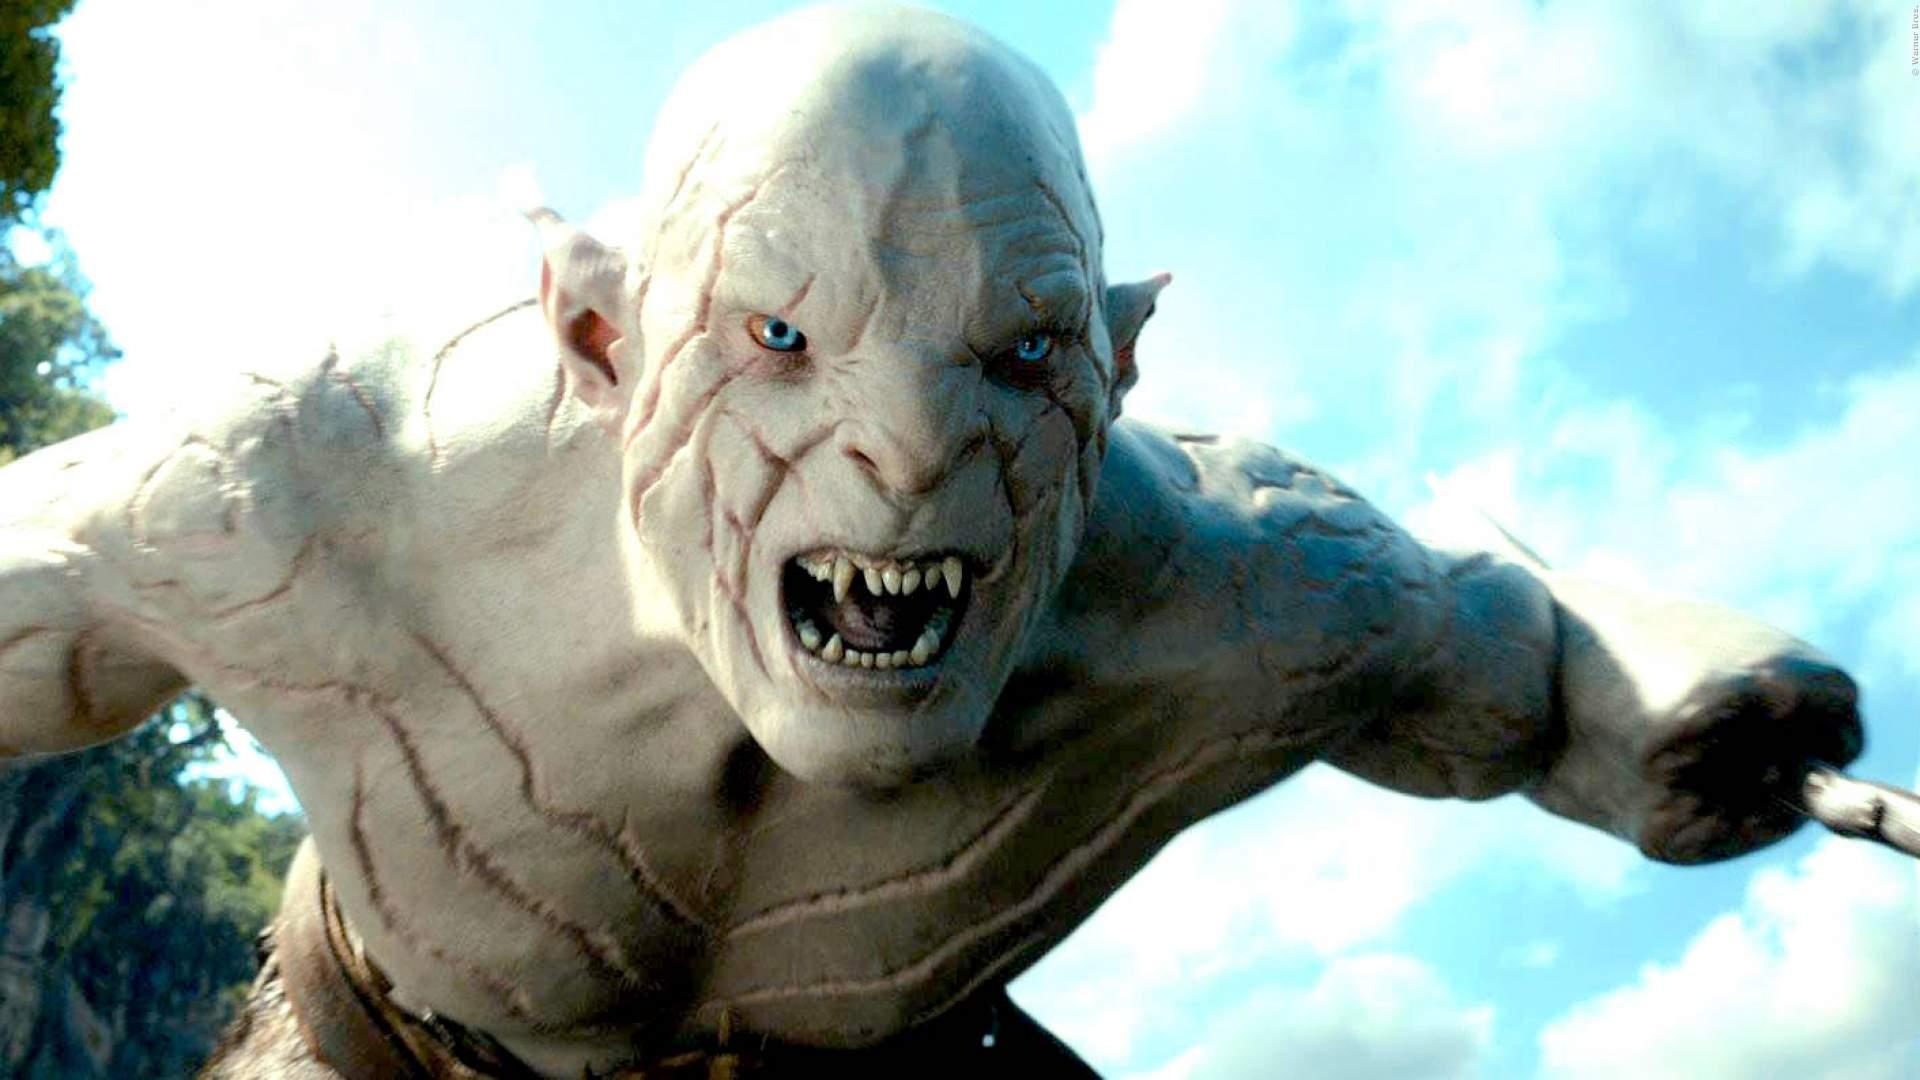 'Hobbit'-Marathon im Kino - Alle drei Teile als Kino-Event